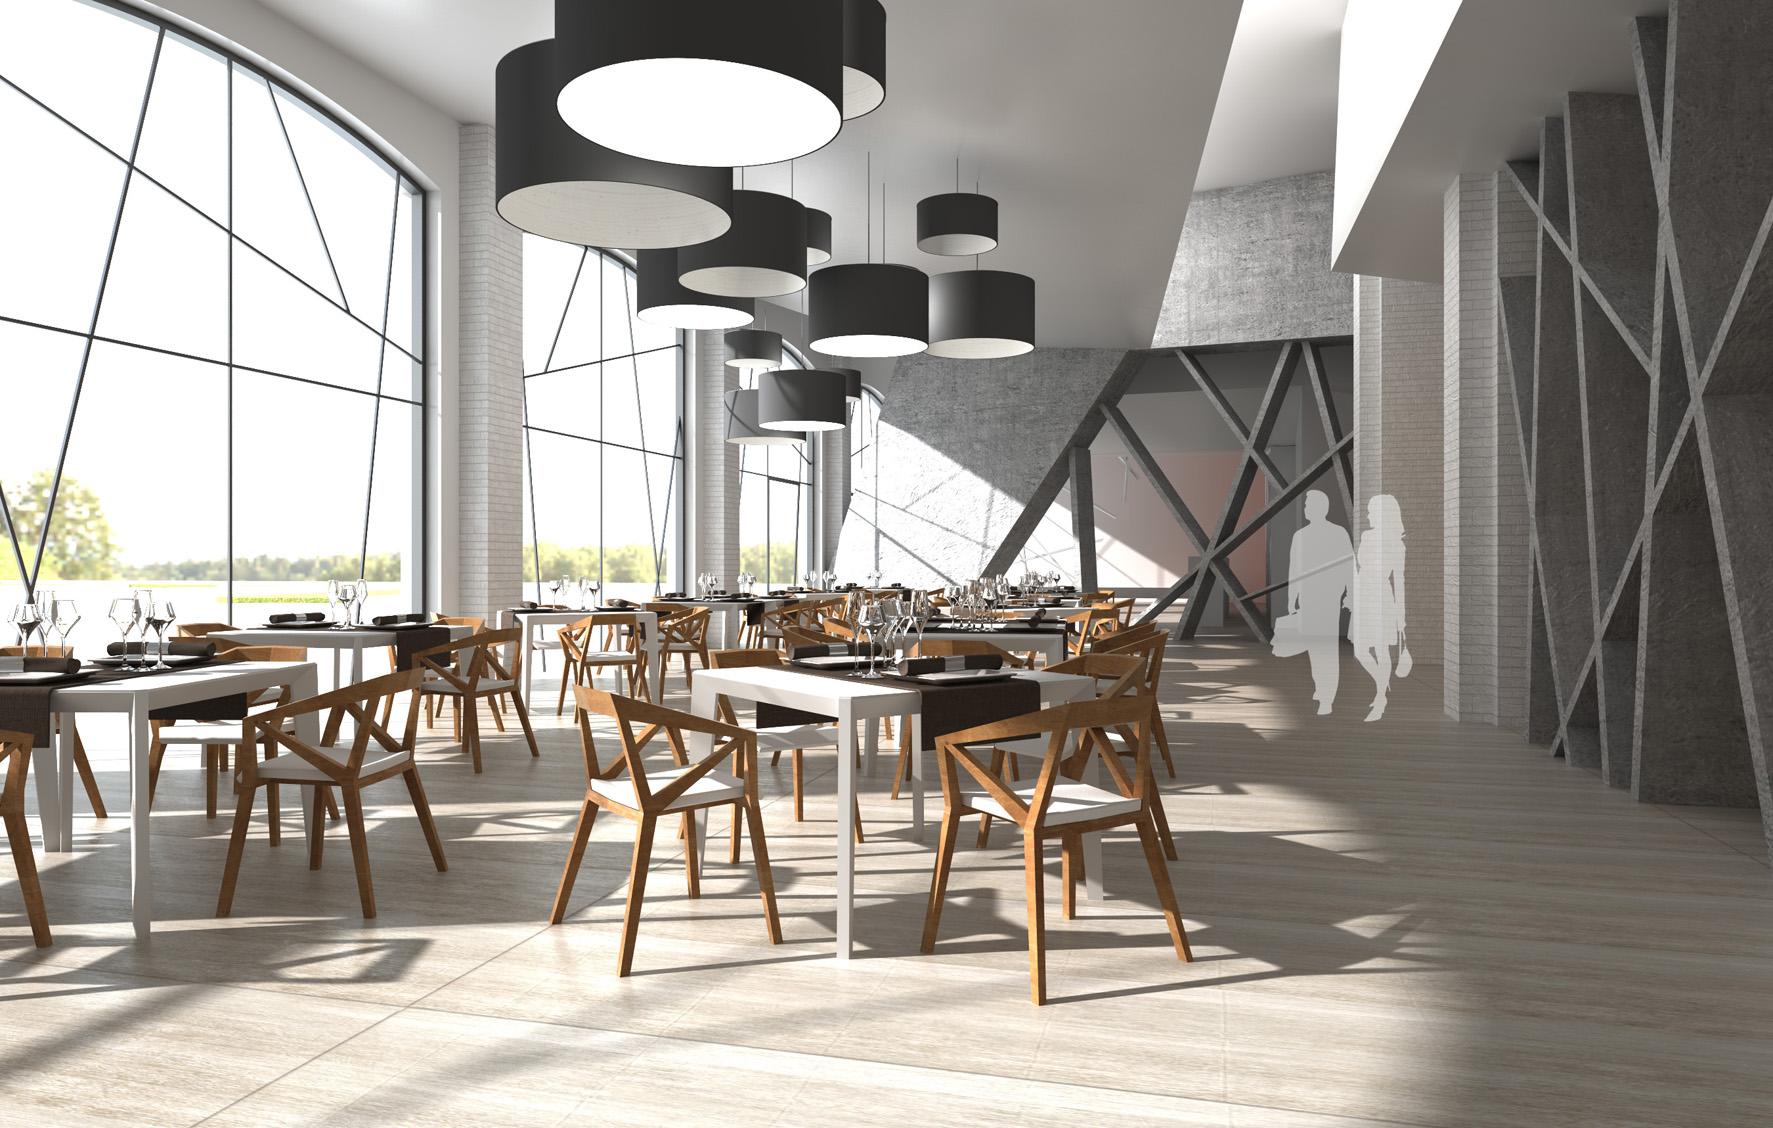 La luce un ingrediente fondamentale luce e design for Interior design politecnico di milano